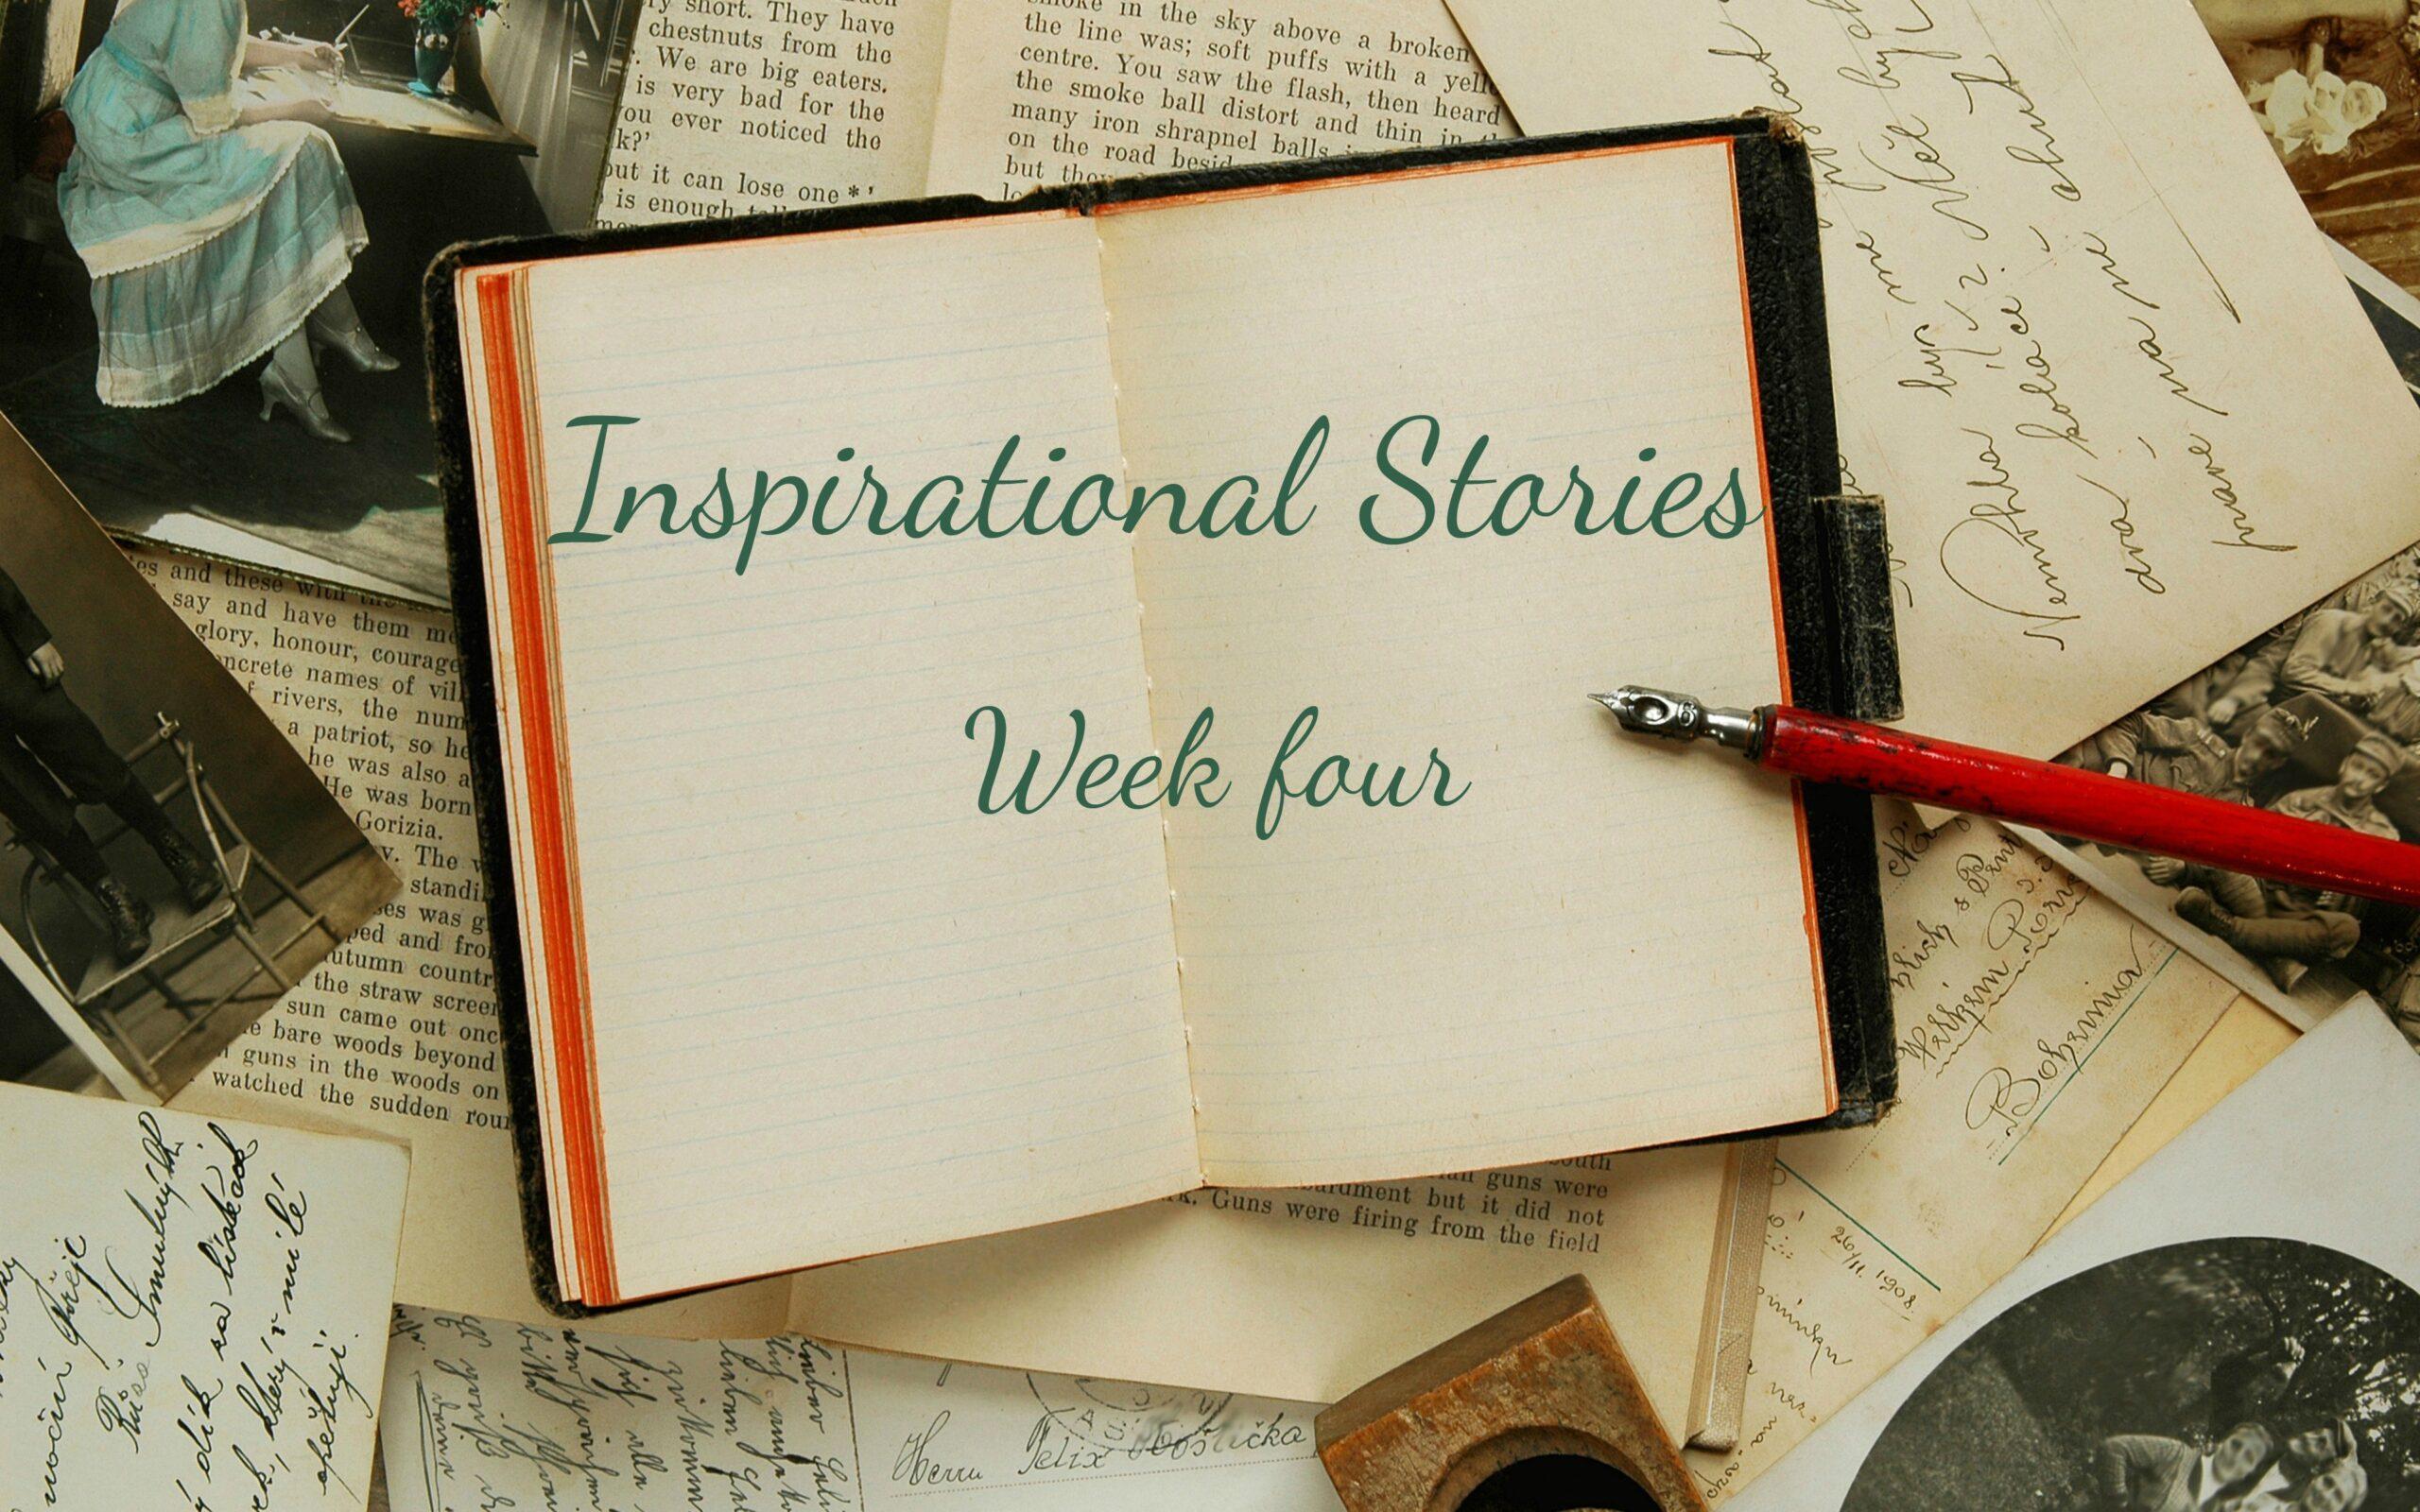 inspirational stories week four written across a book